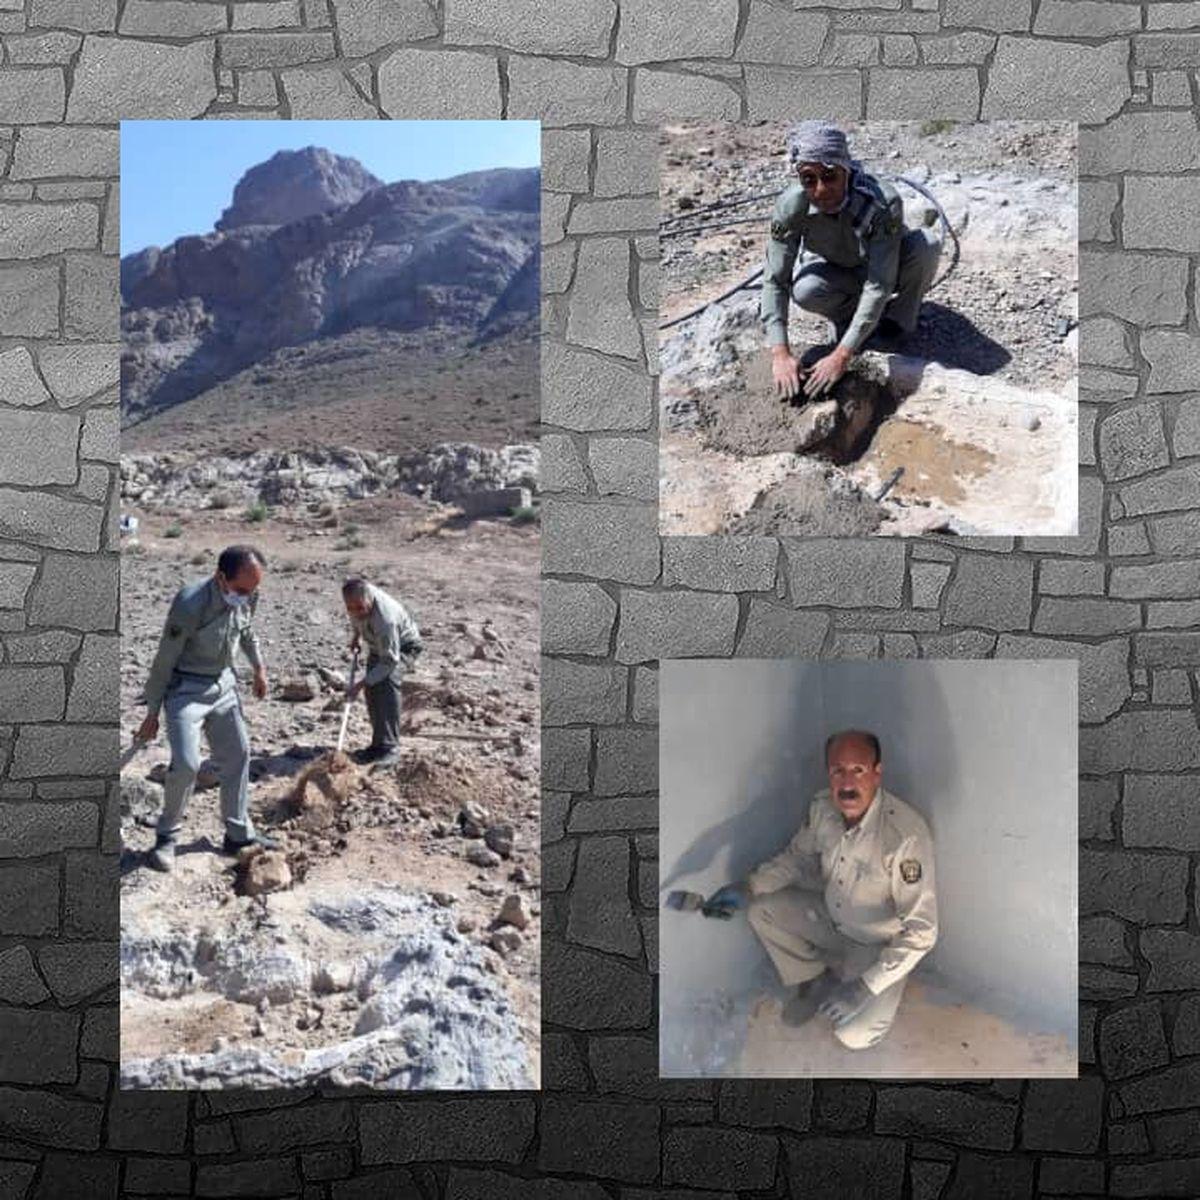 بازسازی آبشخورهای منطقه شکار ممنوع شاه قنداب در شهرضا